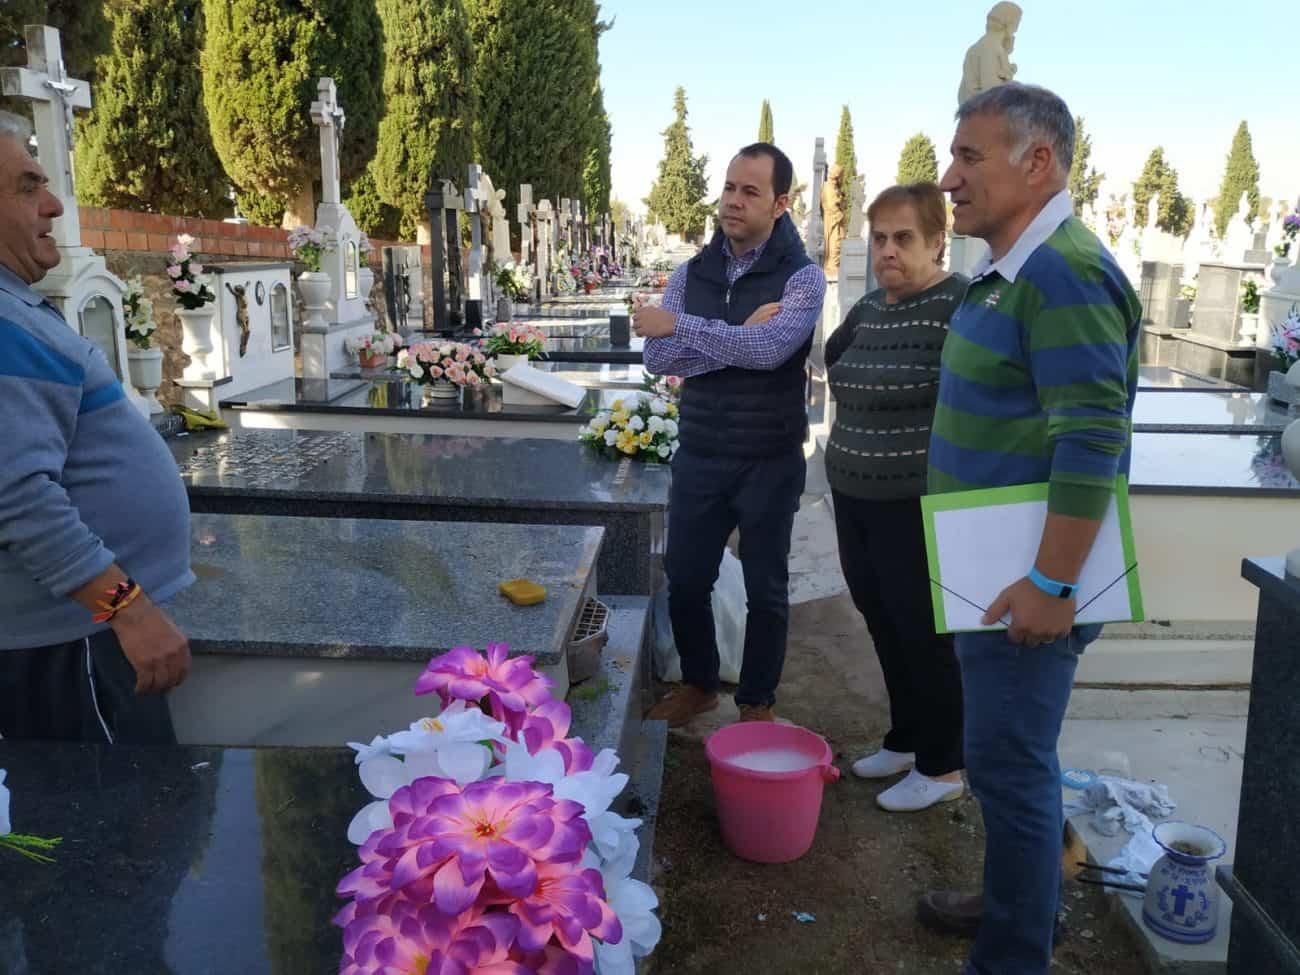 visita alcalde y cocnejal al cementerio1 - Servicio gratuito de autobuses para el Día de los Santos y obras de mejora en el Cementerio